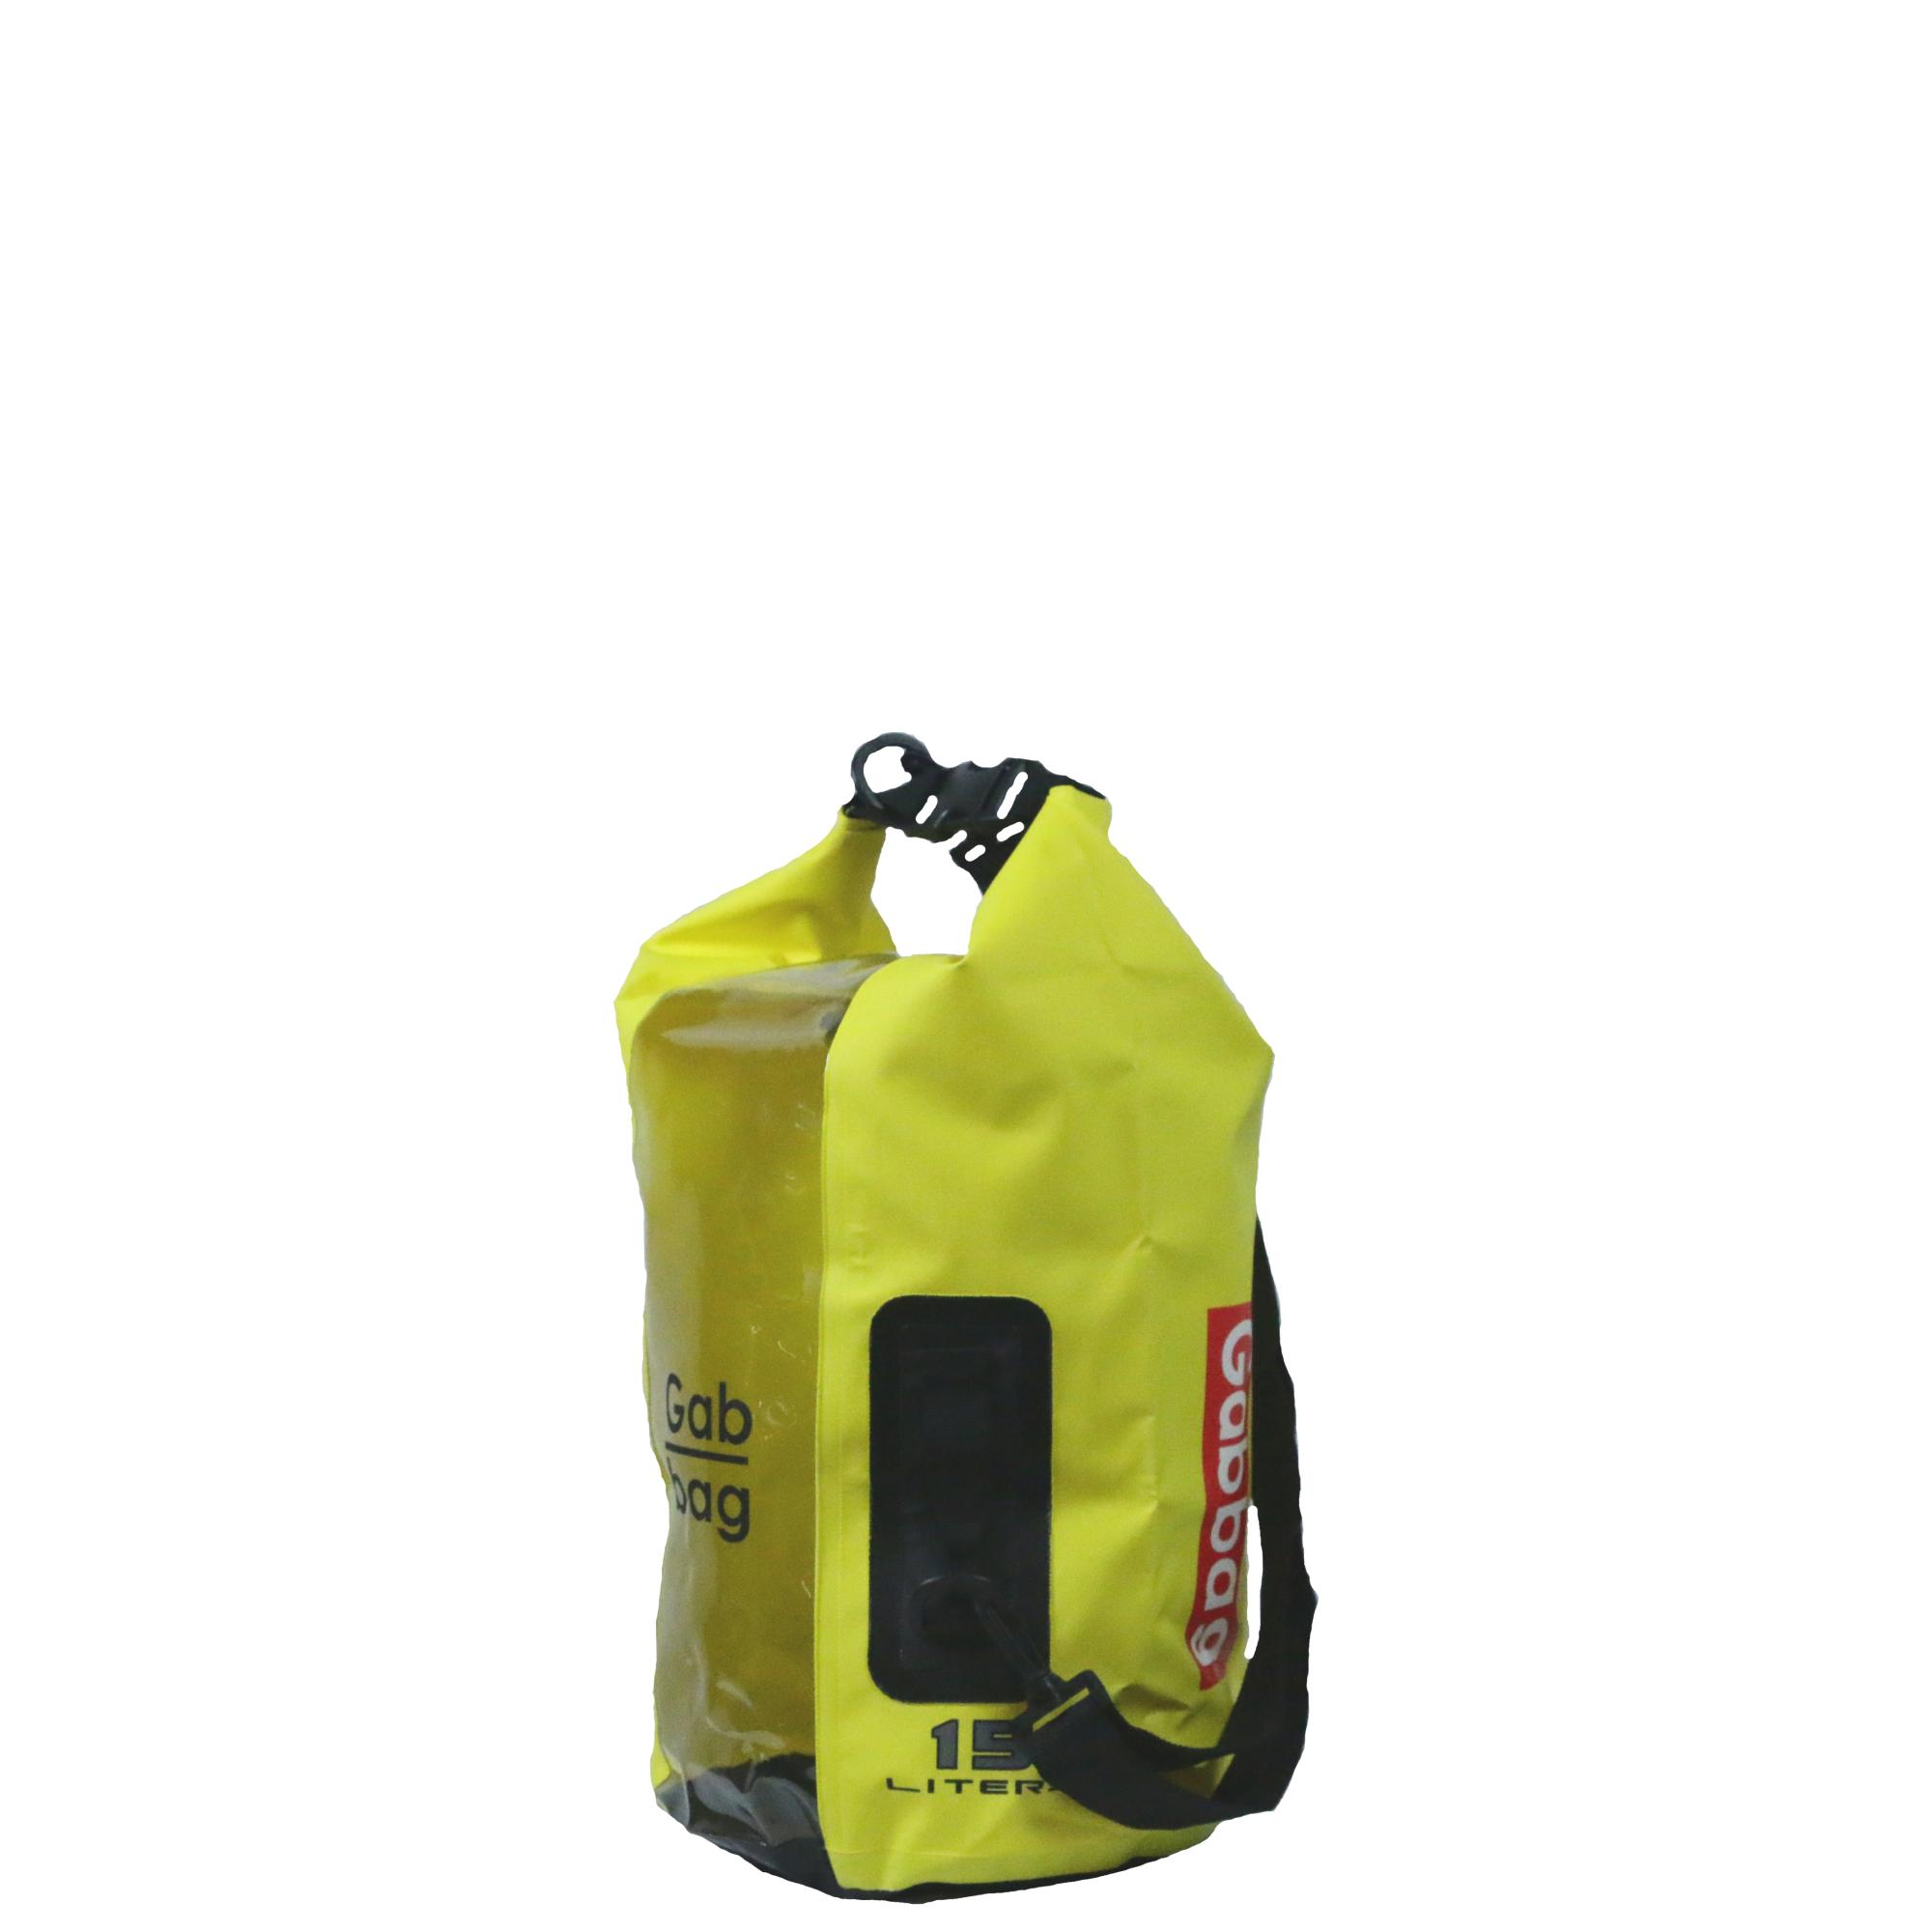 waterdichte zak 15 liter